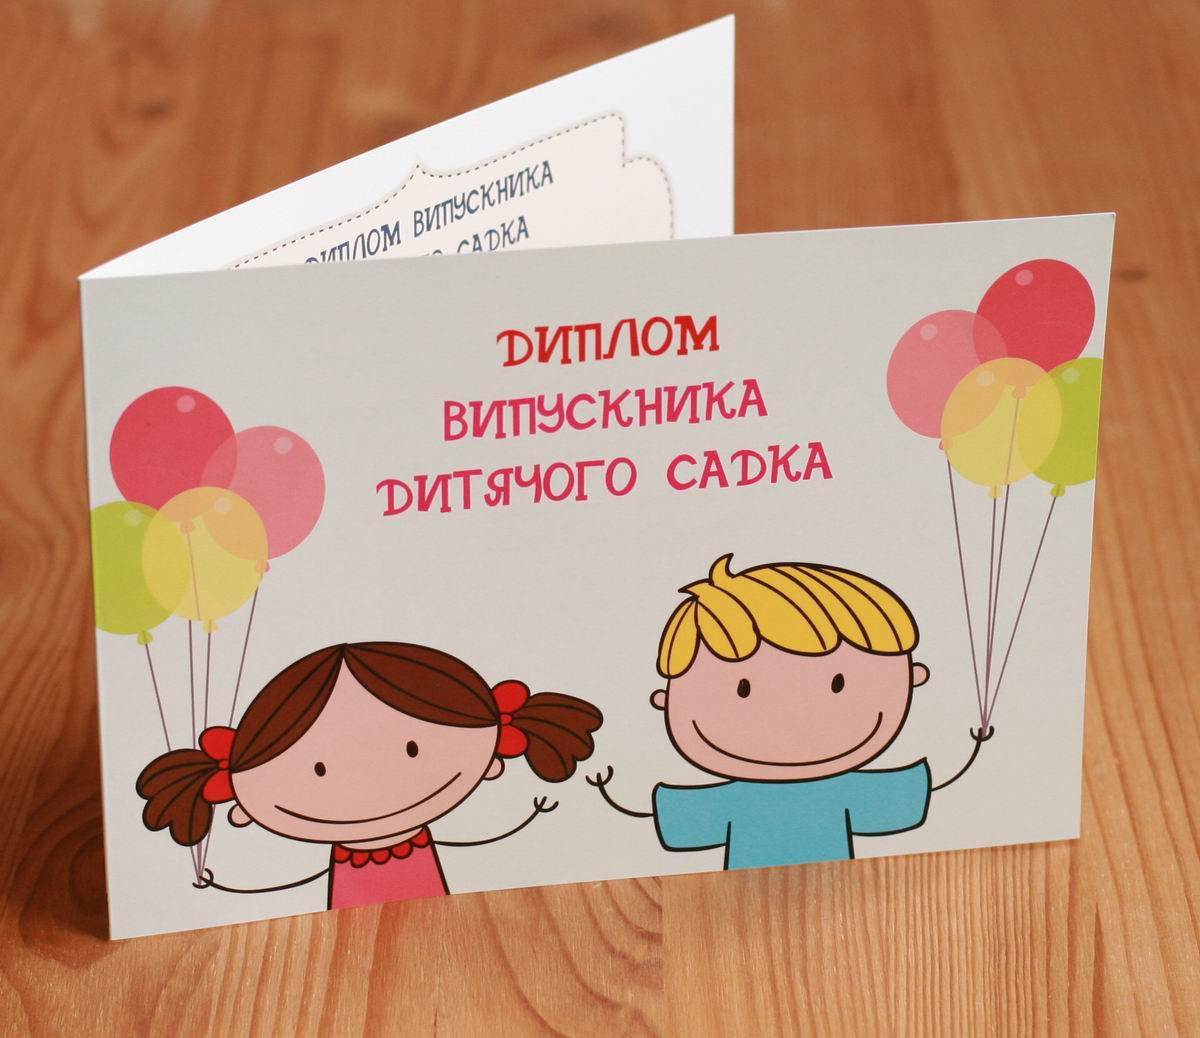 Диплом-открытка выпускника детского сада, Дети с шариками